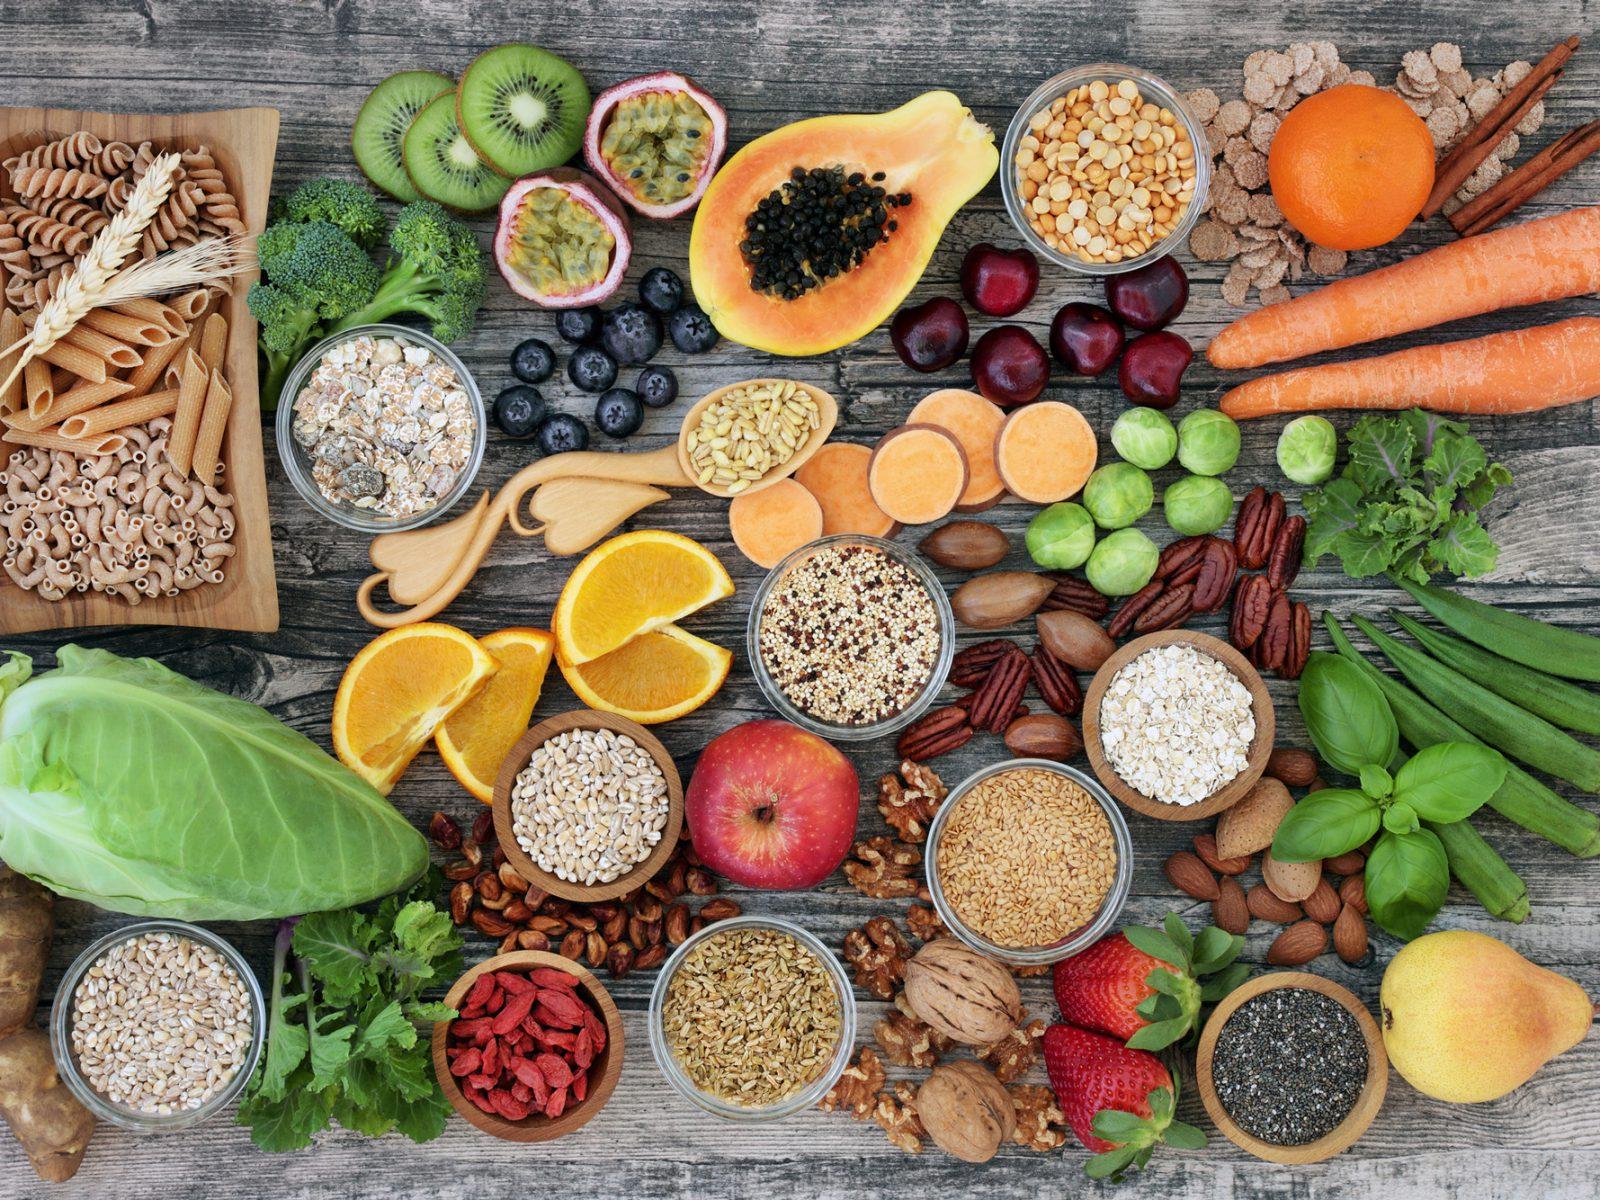 aktivo-koeln-zuendorf-ernaehrung-abnehmen-essen-gesundheit